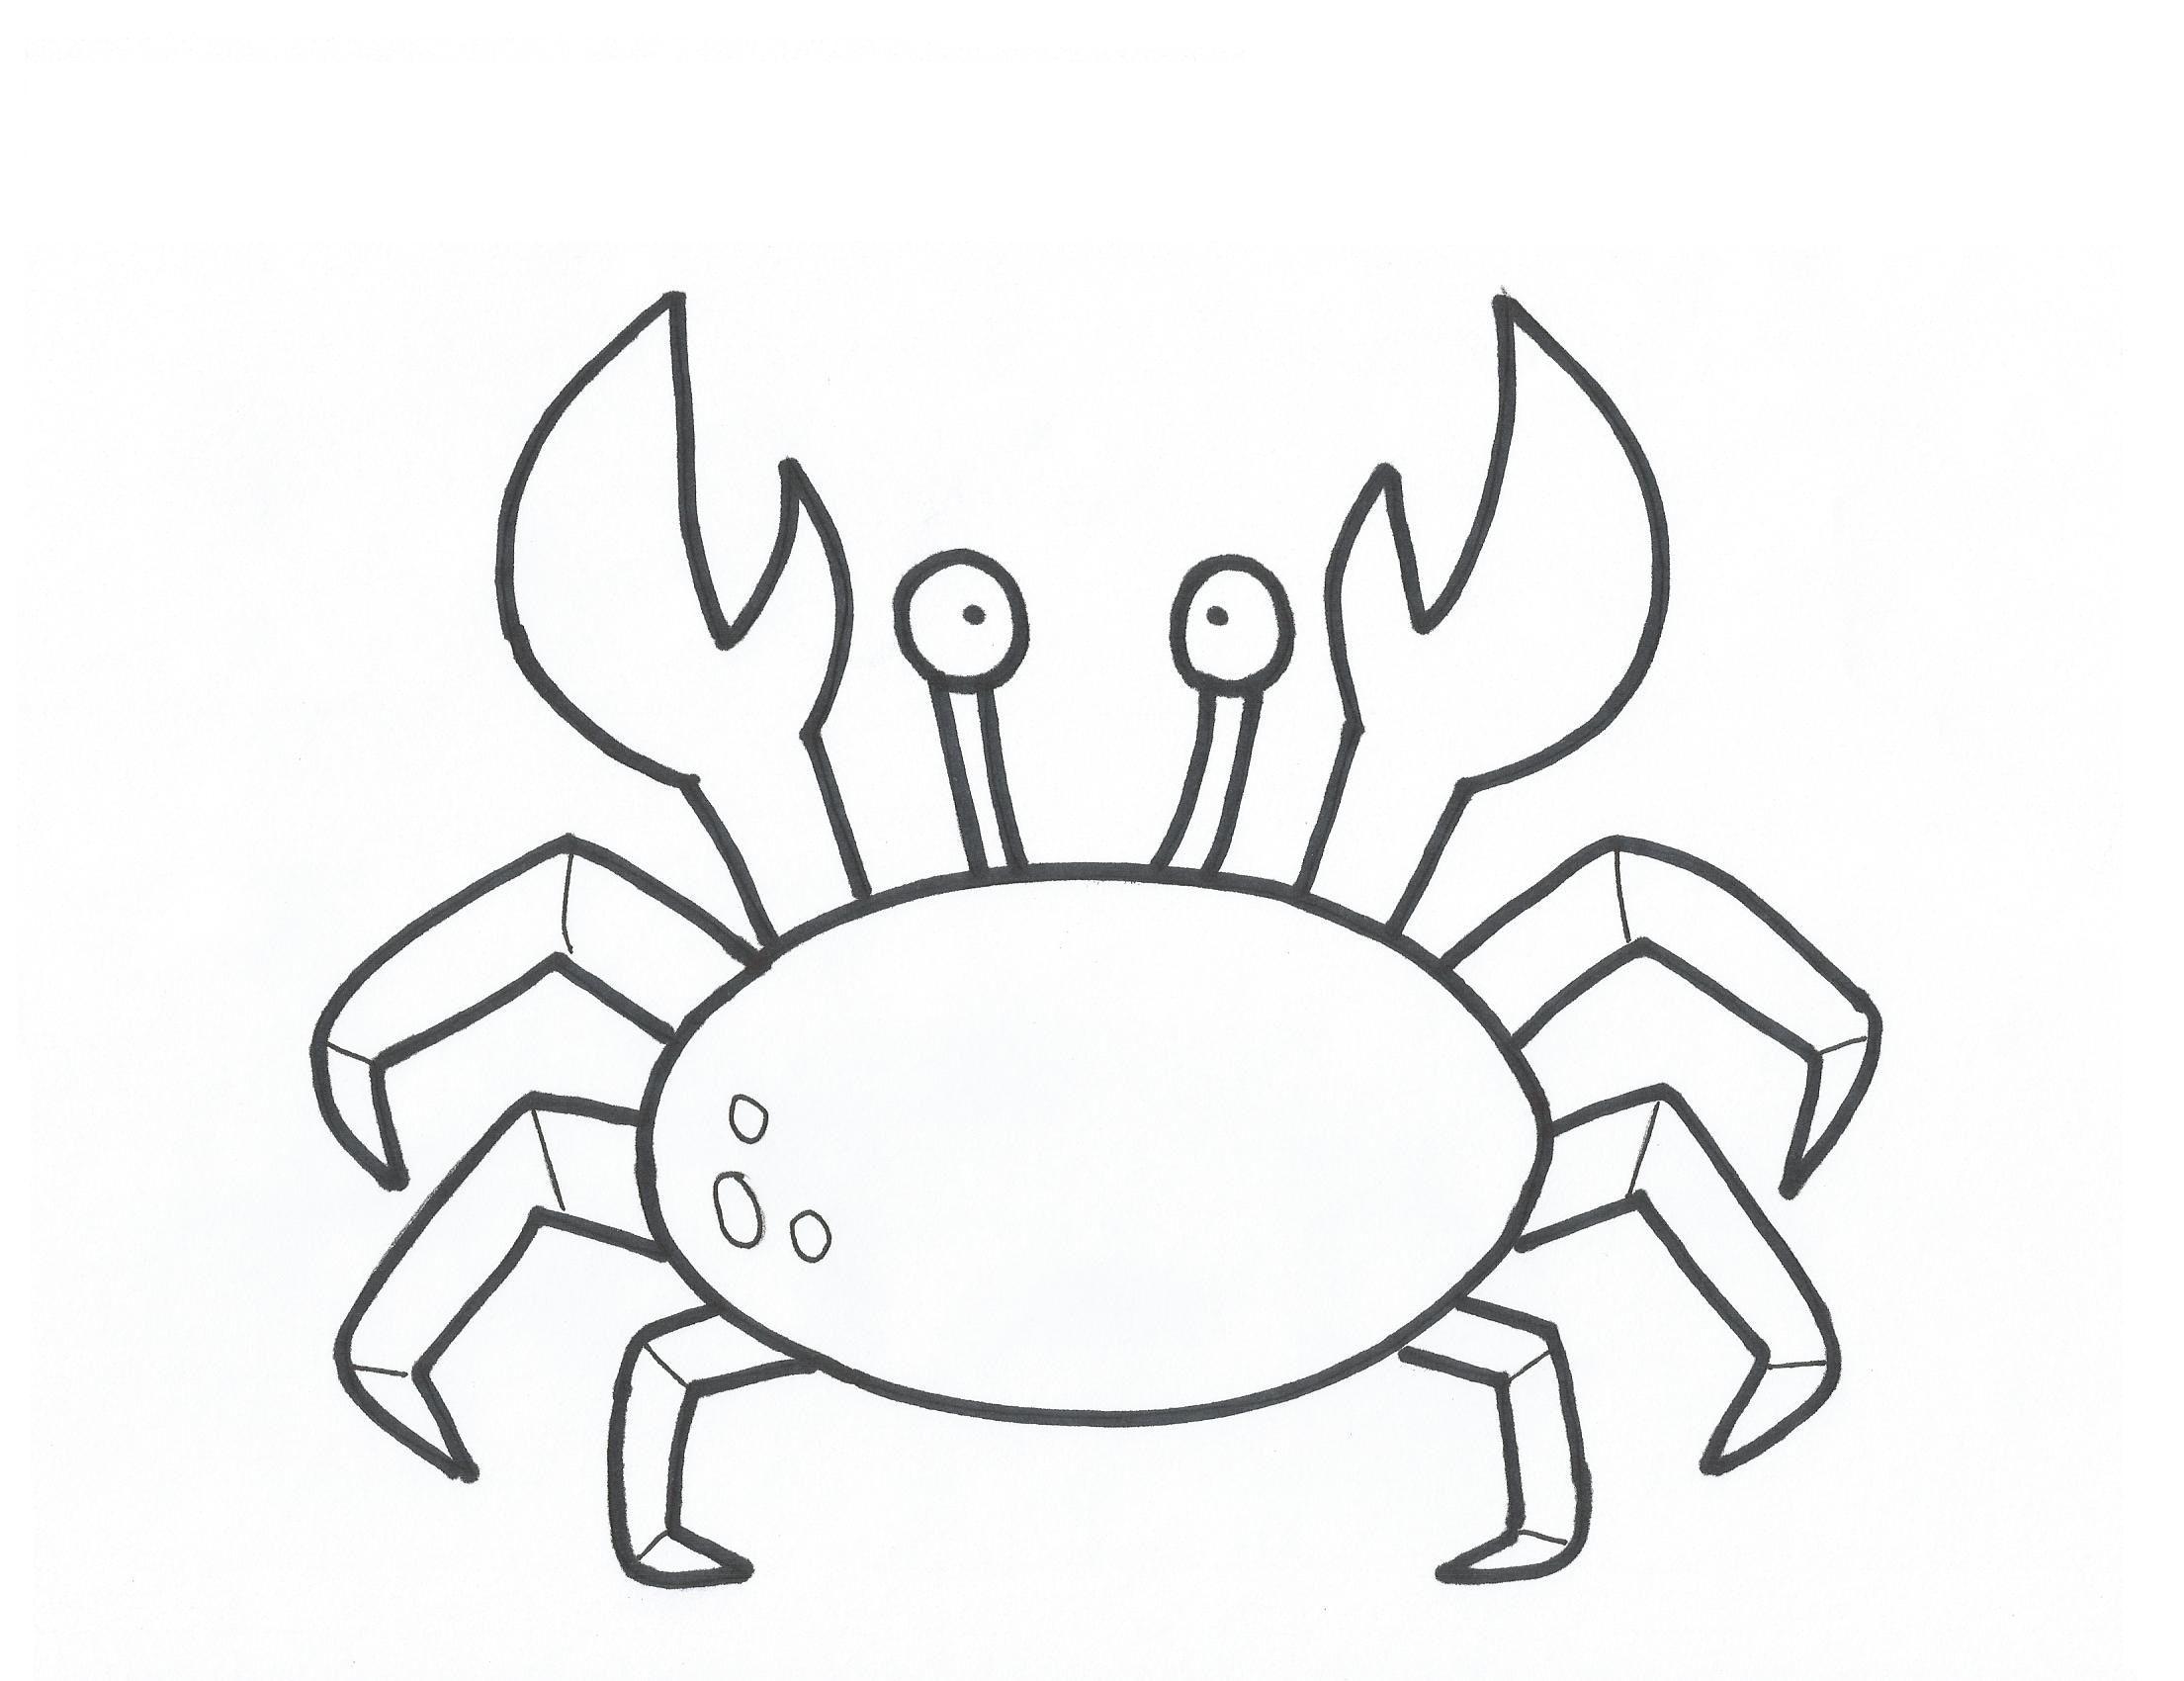 Crab Coloring Pages Printable Jpg 2209 1700 Mermaid Coloring